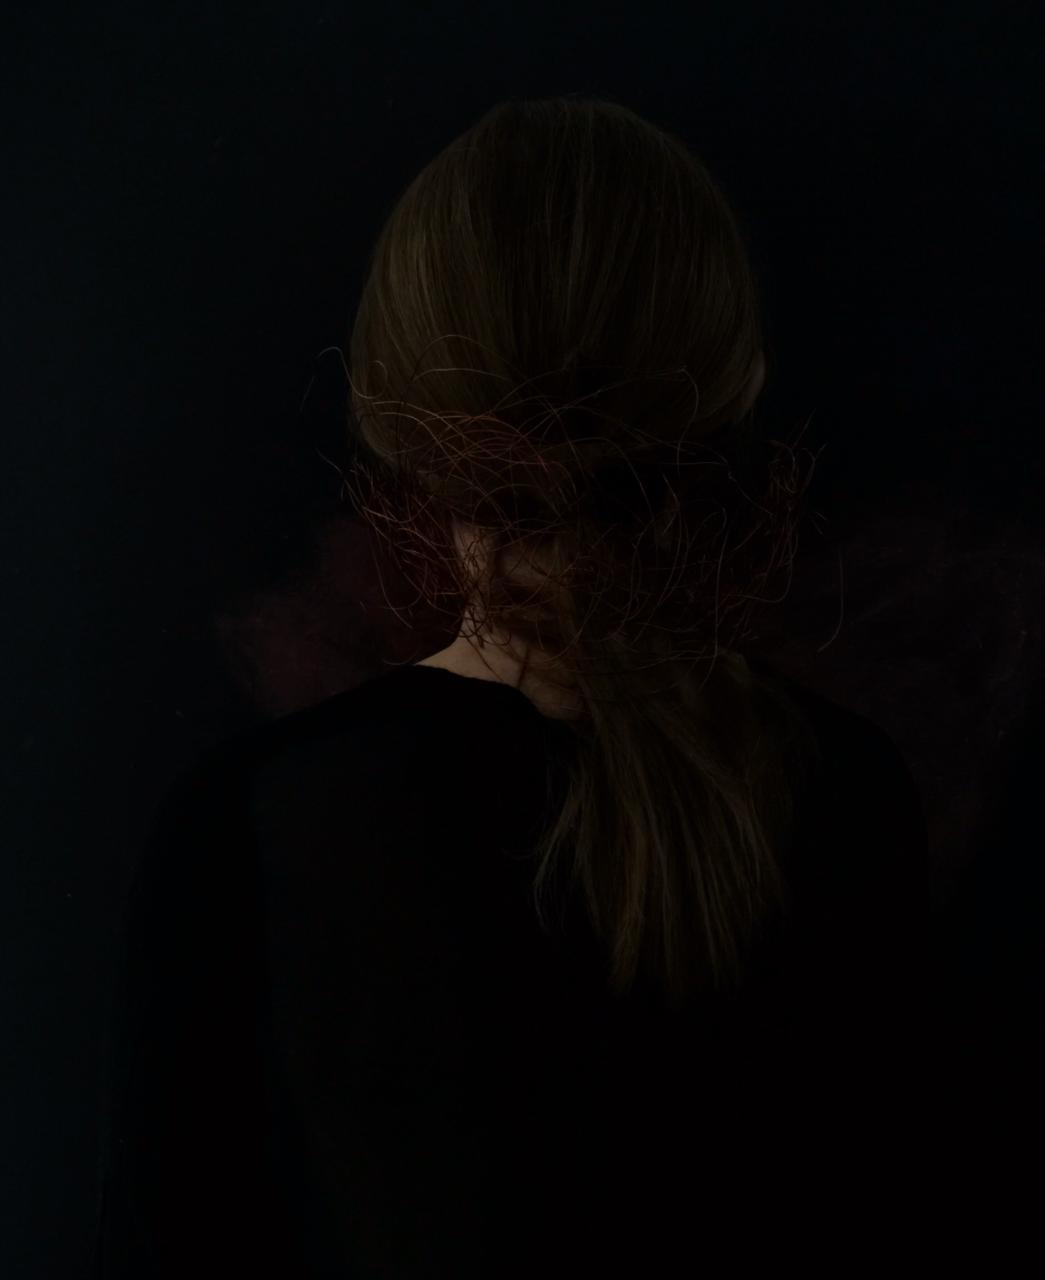 Lúcia Castanho. O silêncio da luz (II), 2020